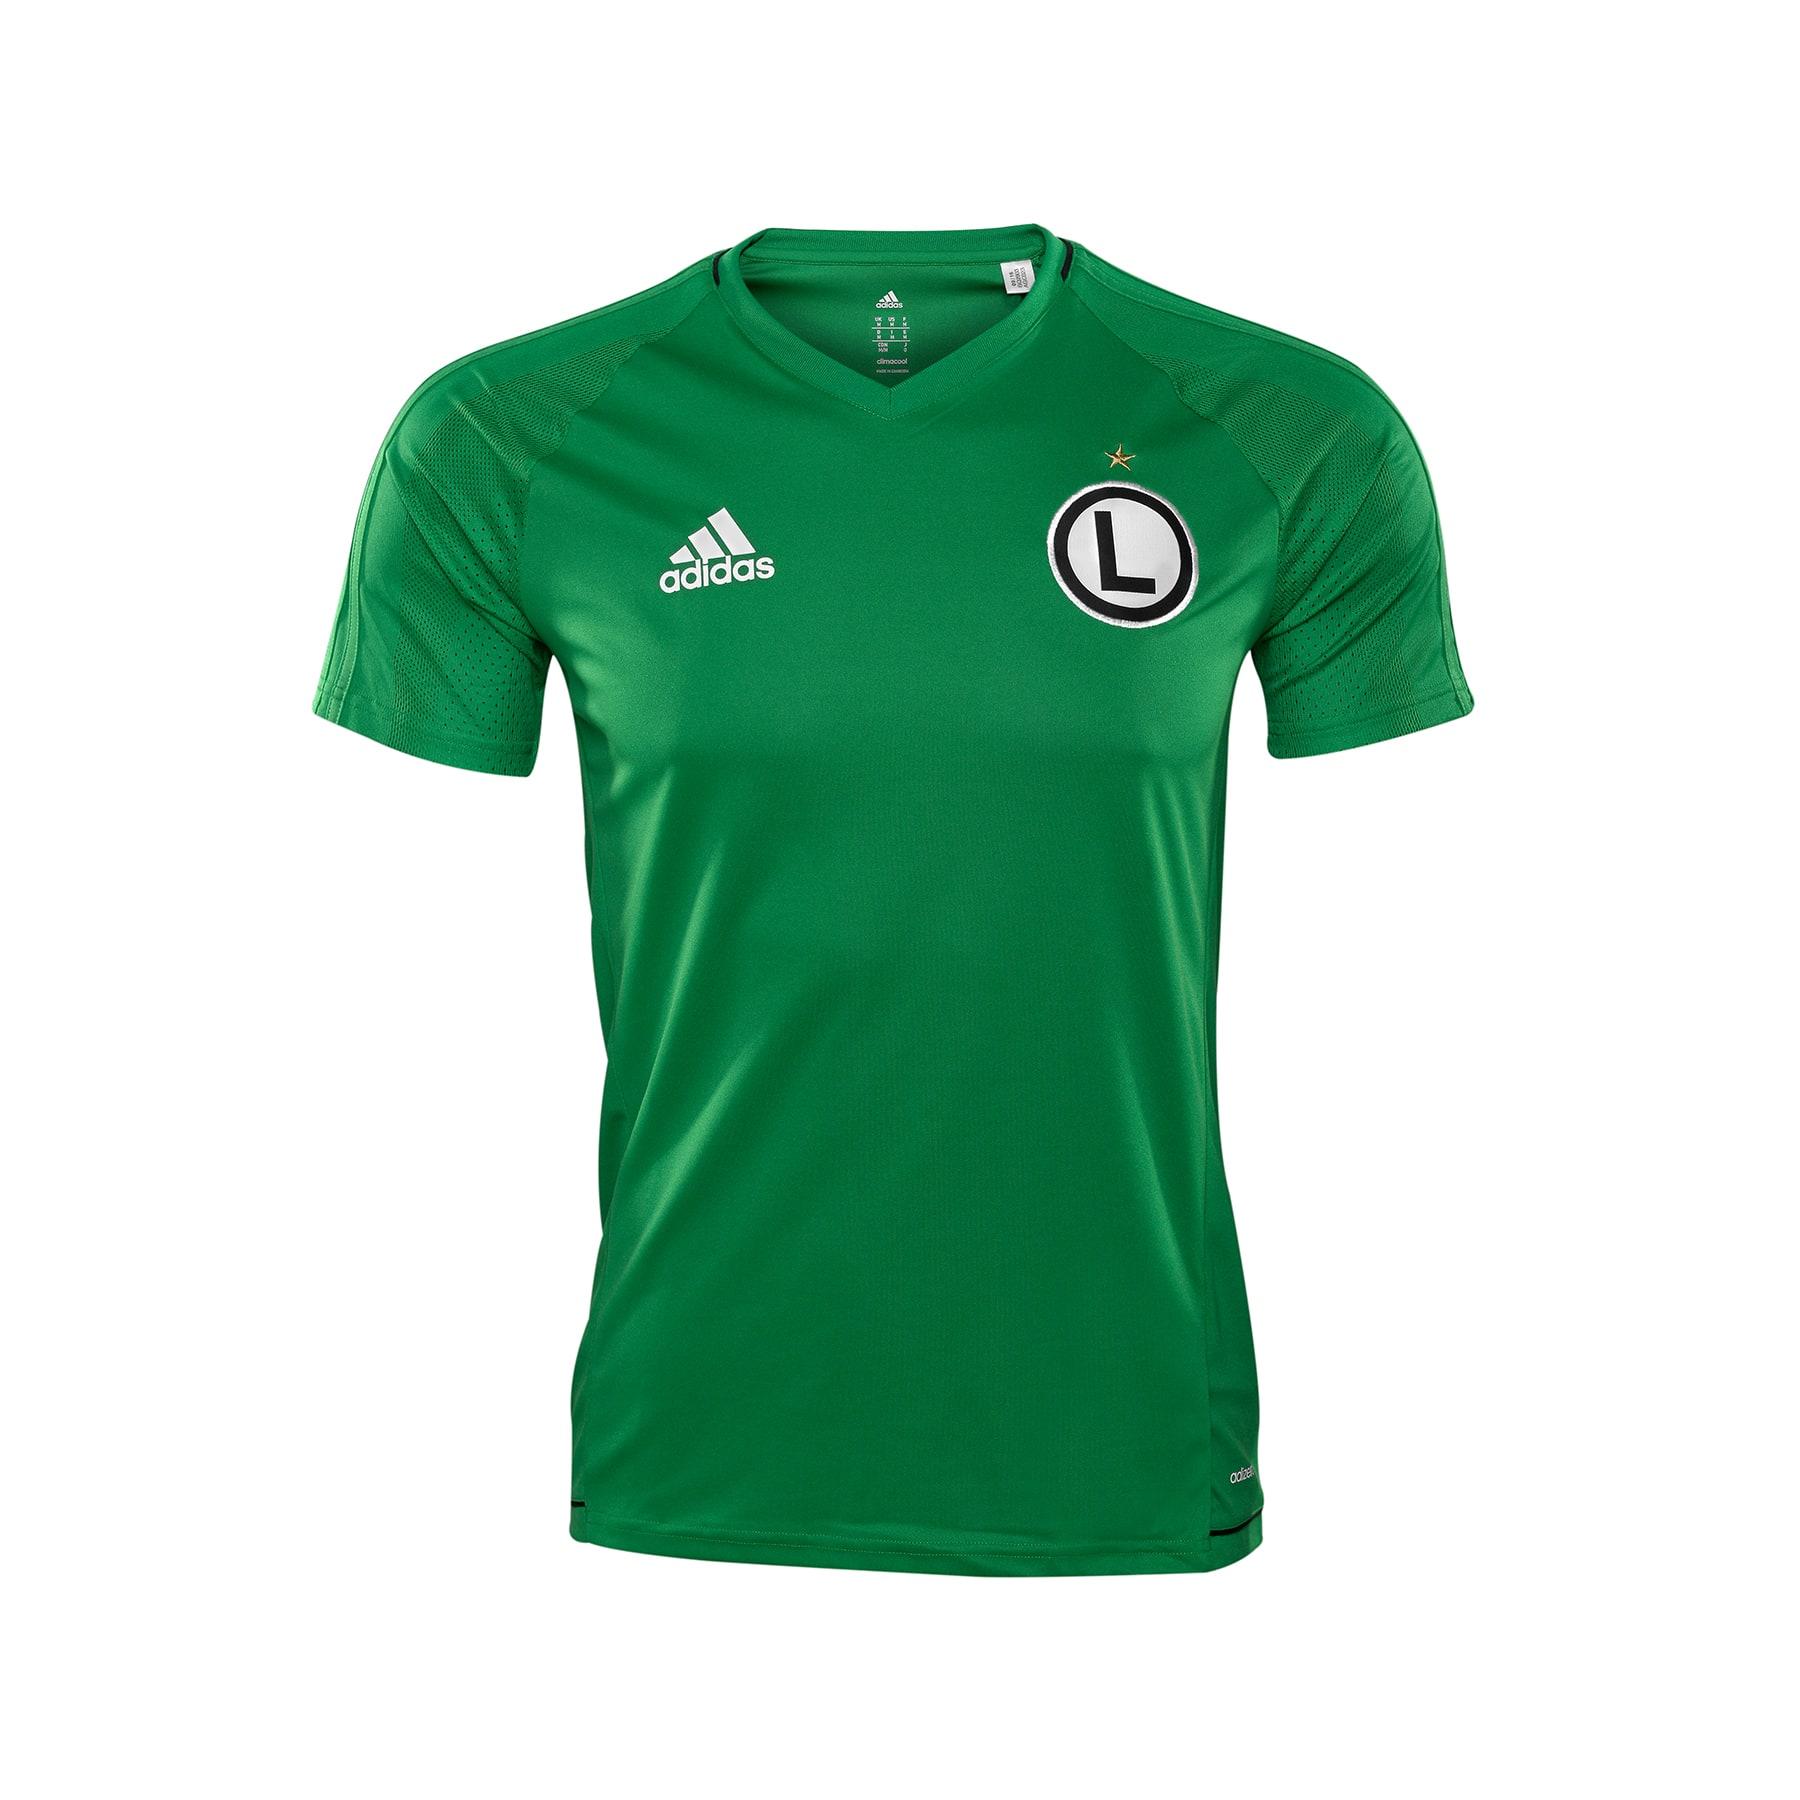 Strona główna :: Outlet :: Adidas :: Odzież performance :: Koszulka treningowa Tiro 17